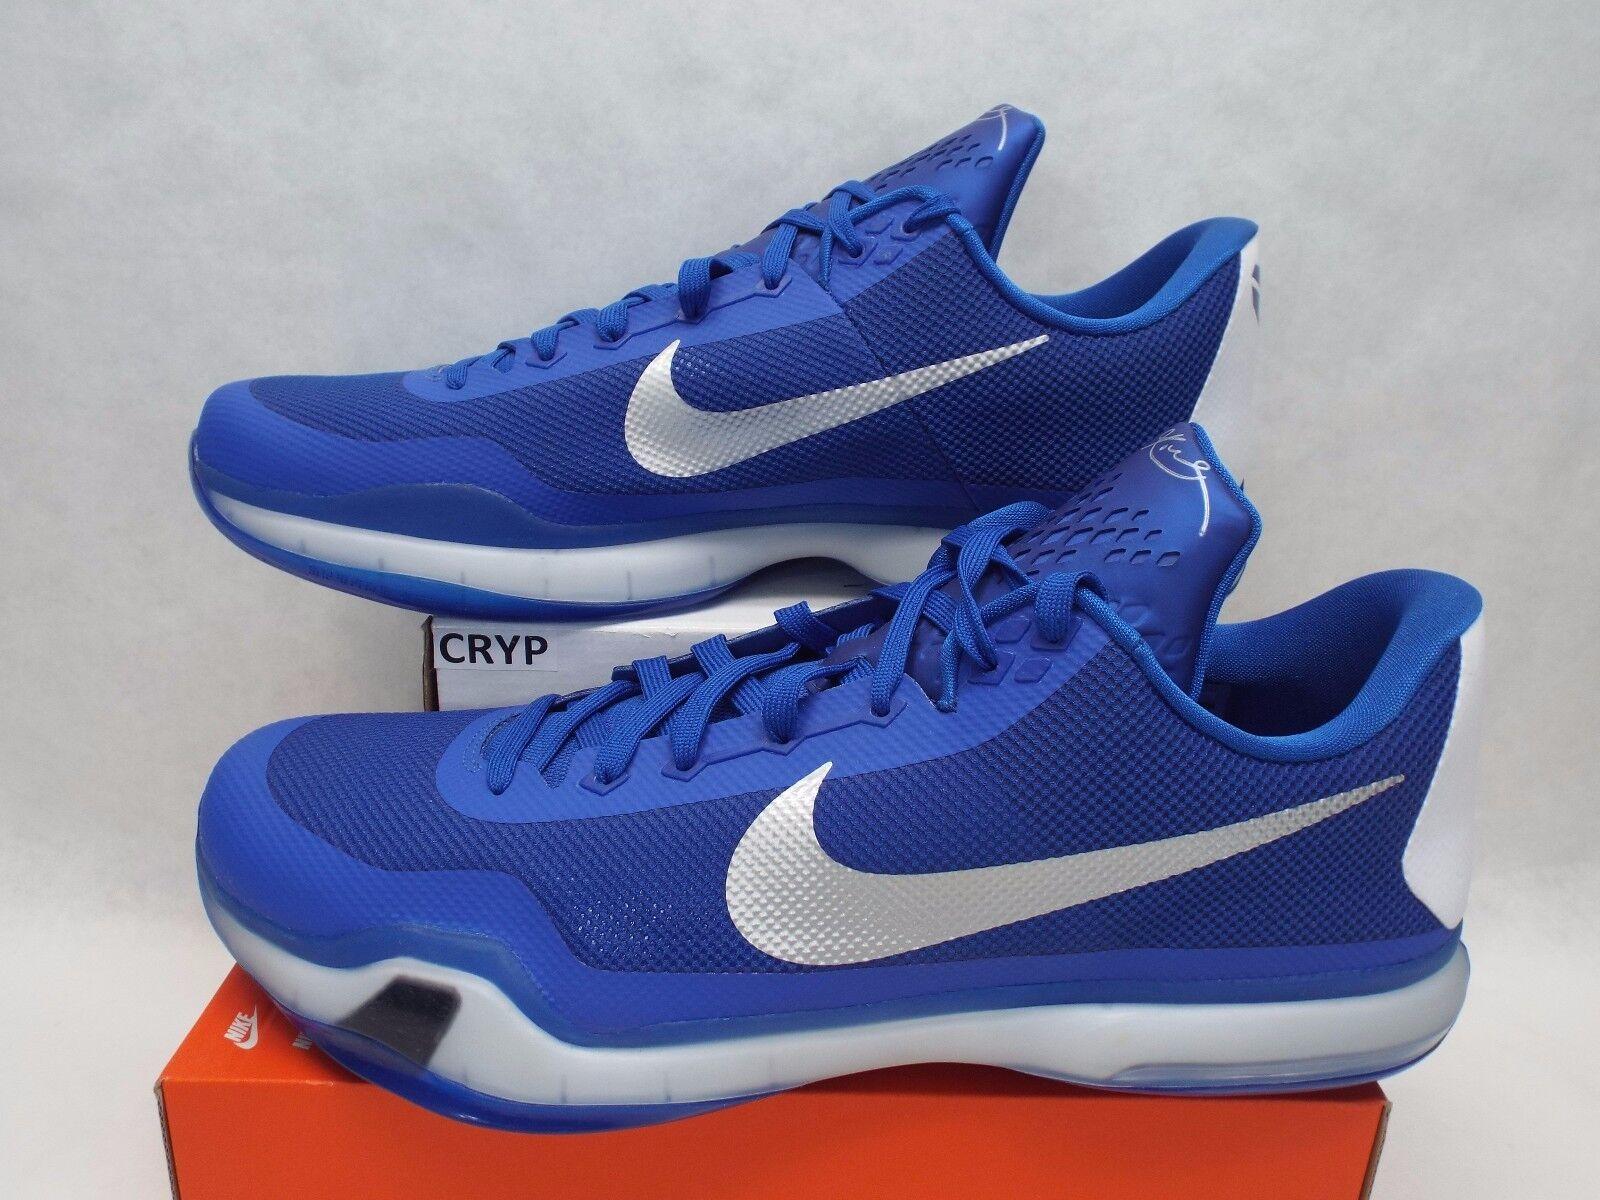 Nuevo hombre 18 Nike Kobe x TB blanco Mid zapatillas de baloncesto blanco TB real reducción de precios 3f1009